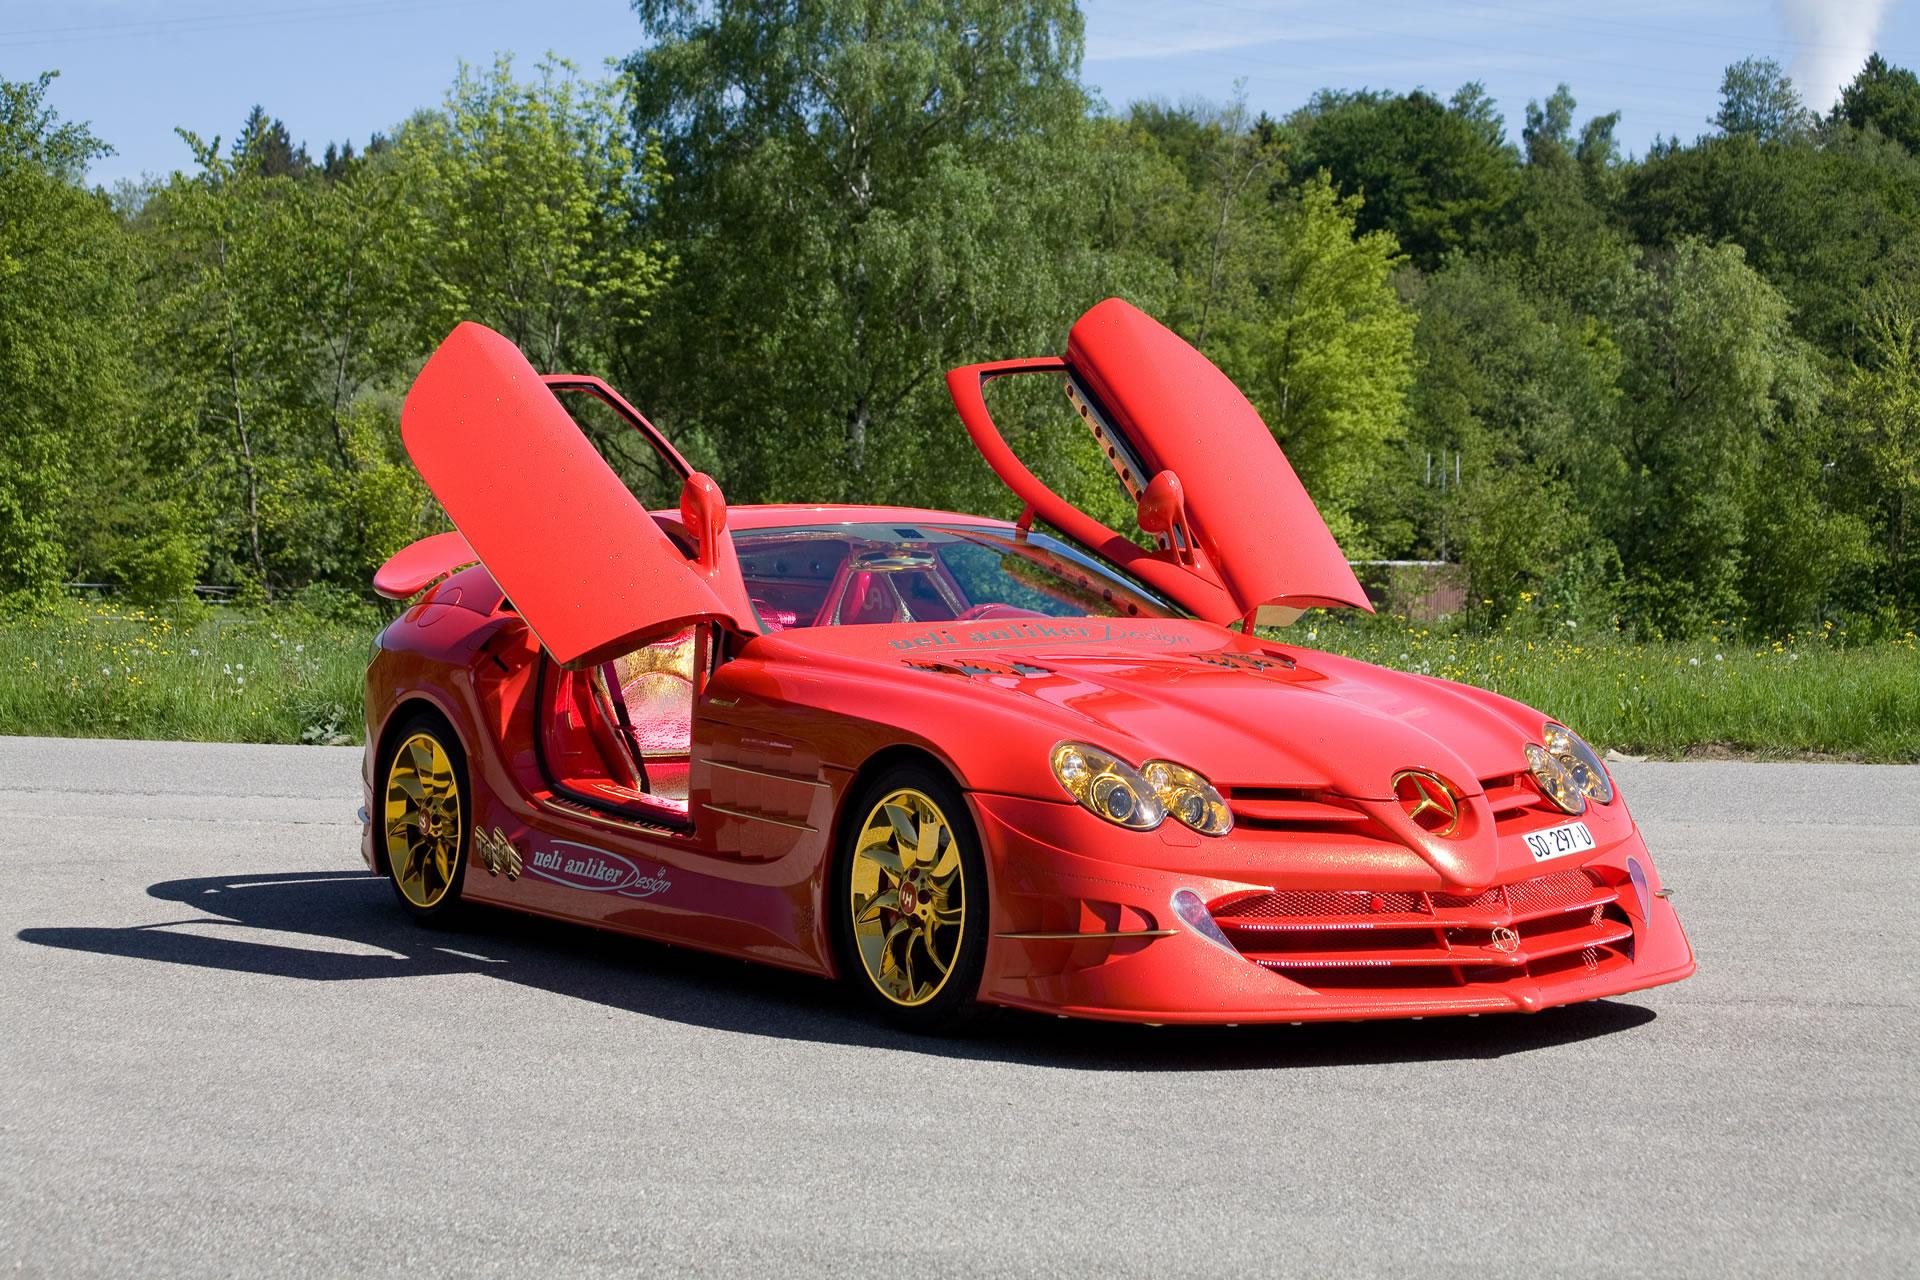 Mercedes Benz Images Mercedes Benz Slr Mclaren 999 Red Gold Hd